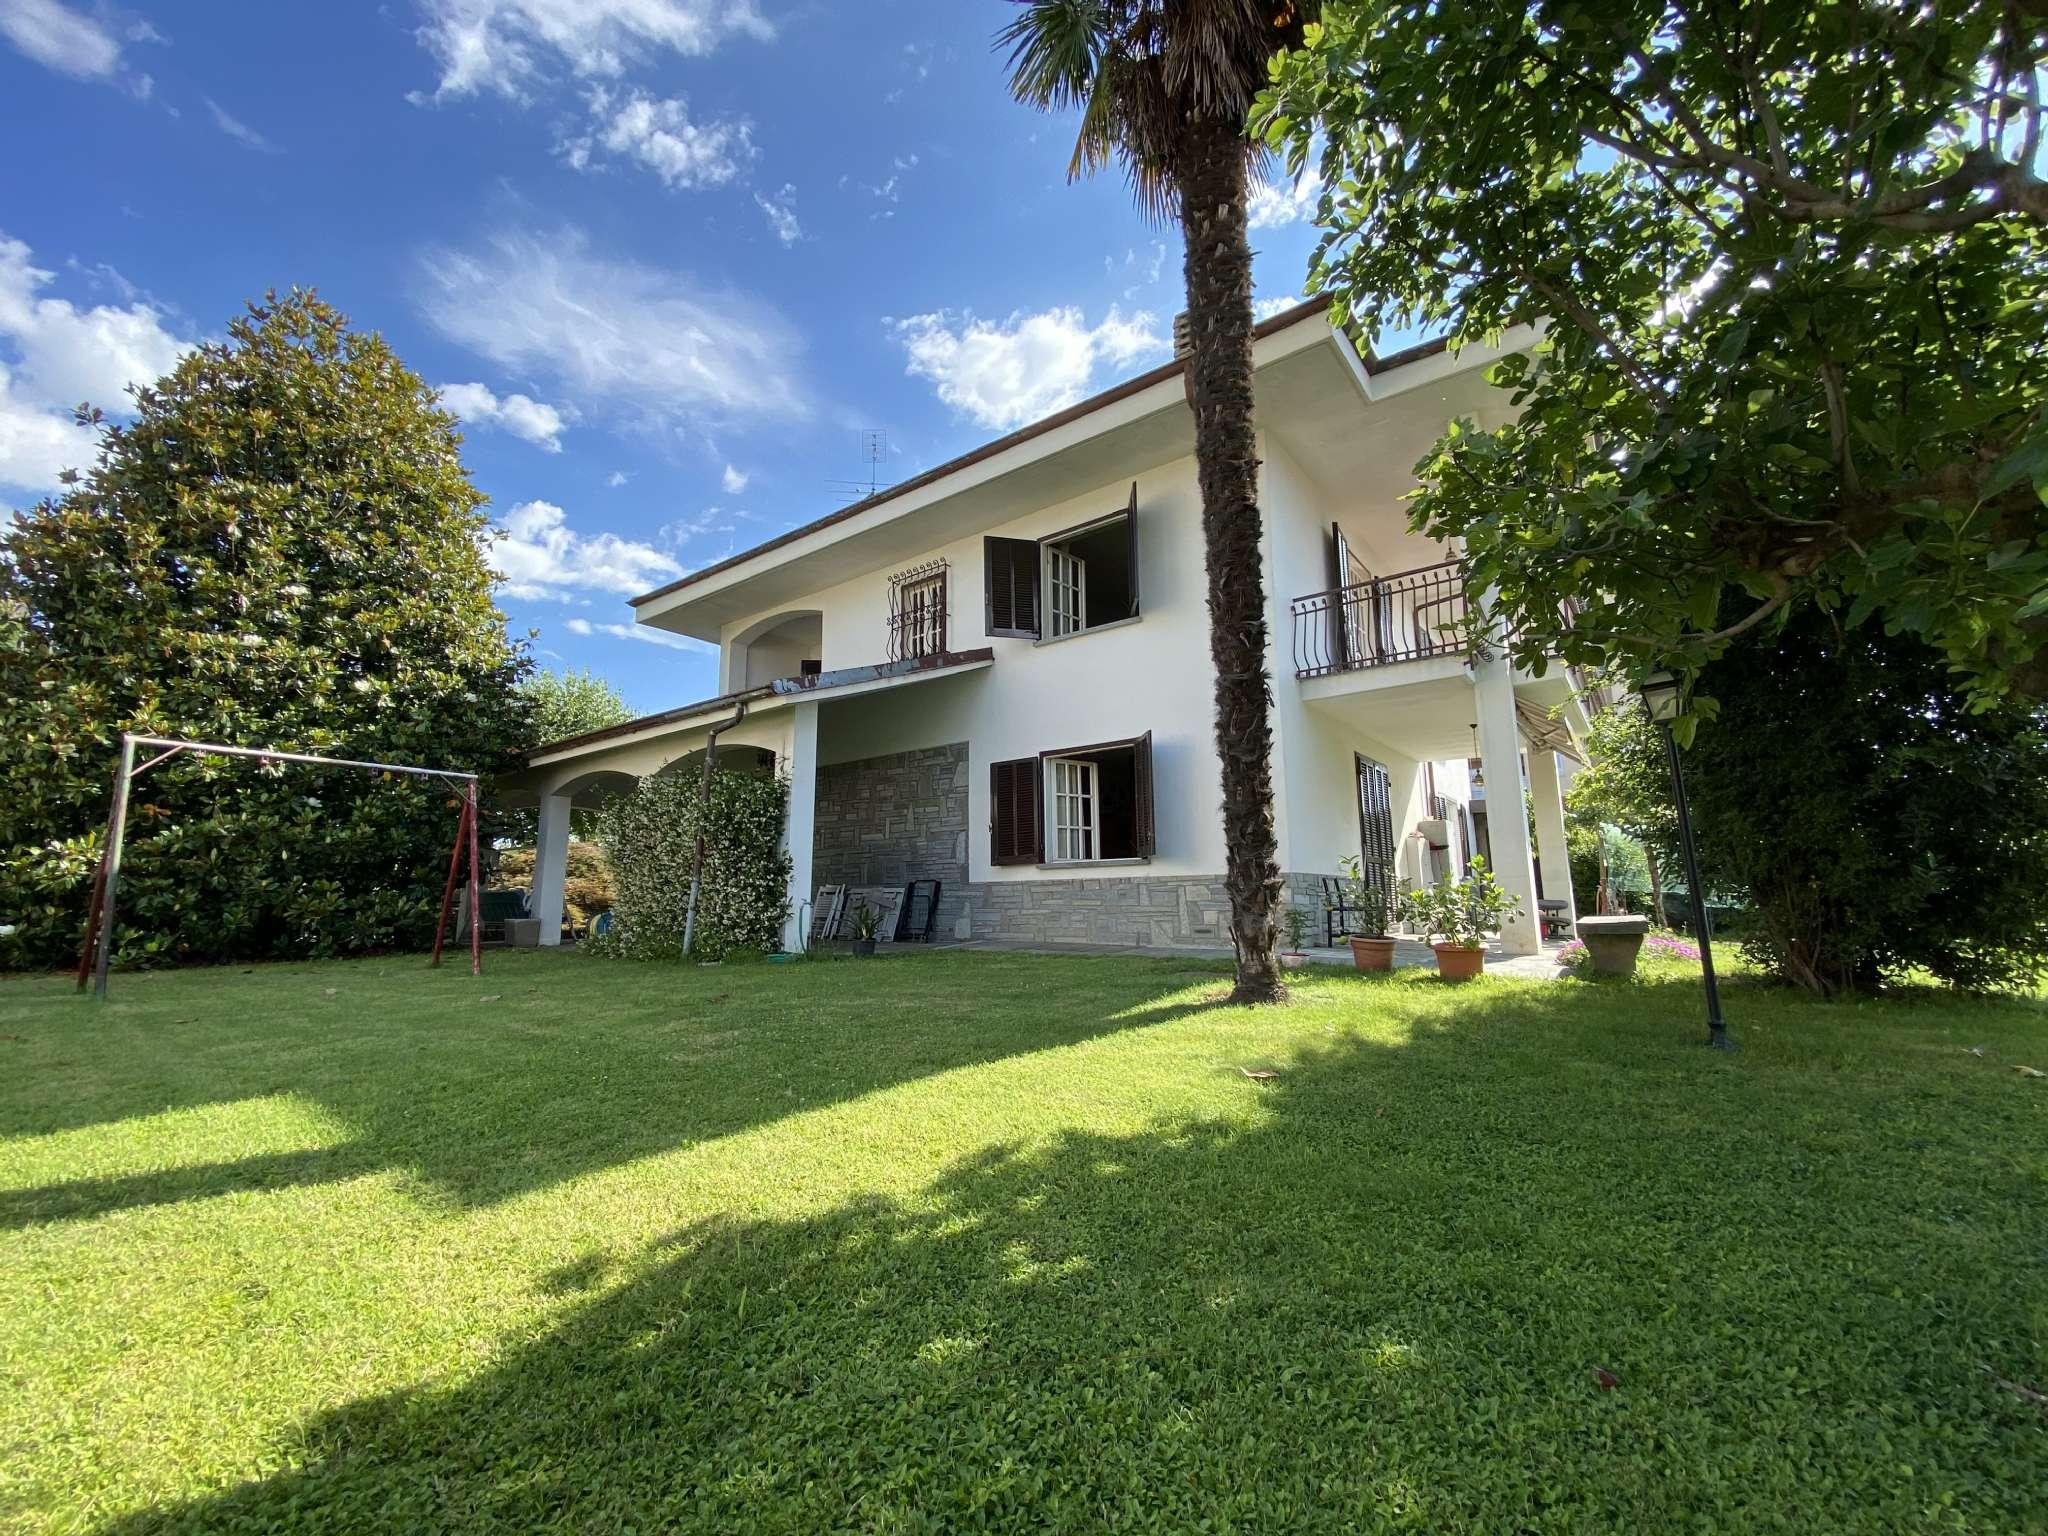 Villa in vendita a Cavour, 8 locali, prezzo € 250.000 | PortaleAgenzieImmobiliari.it